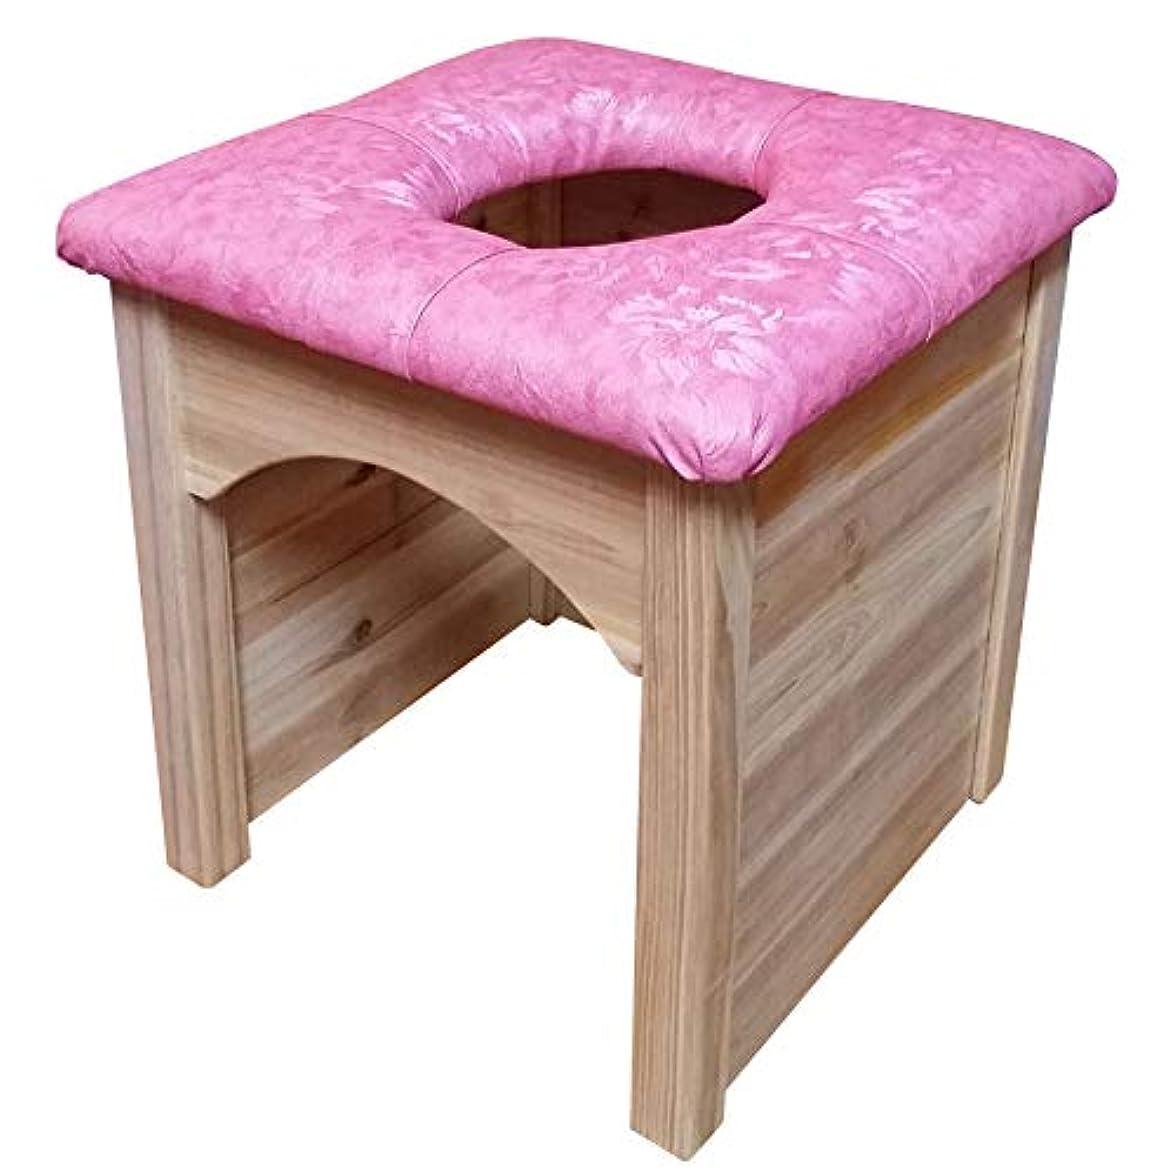 速い一族除外する正品、、お勧めの、ヨモギ蒸し椅子セット、よもぎ蒸し椅子 単品